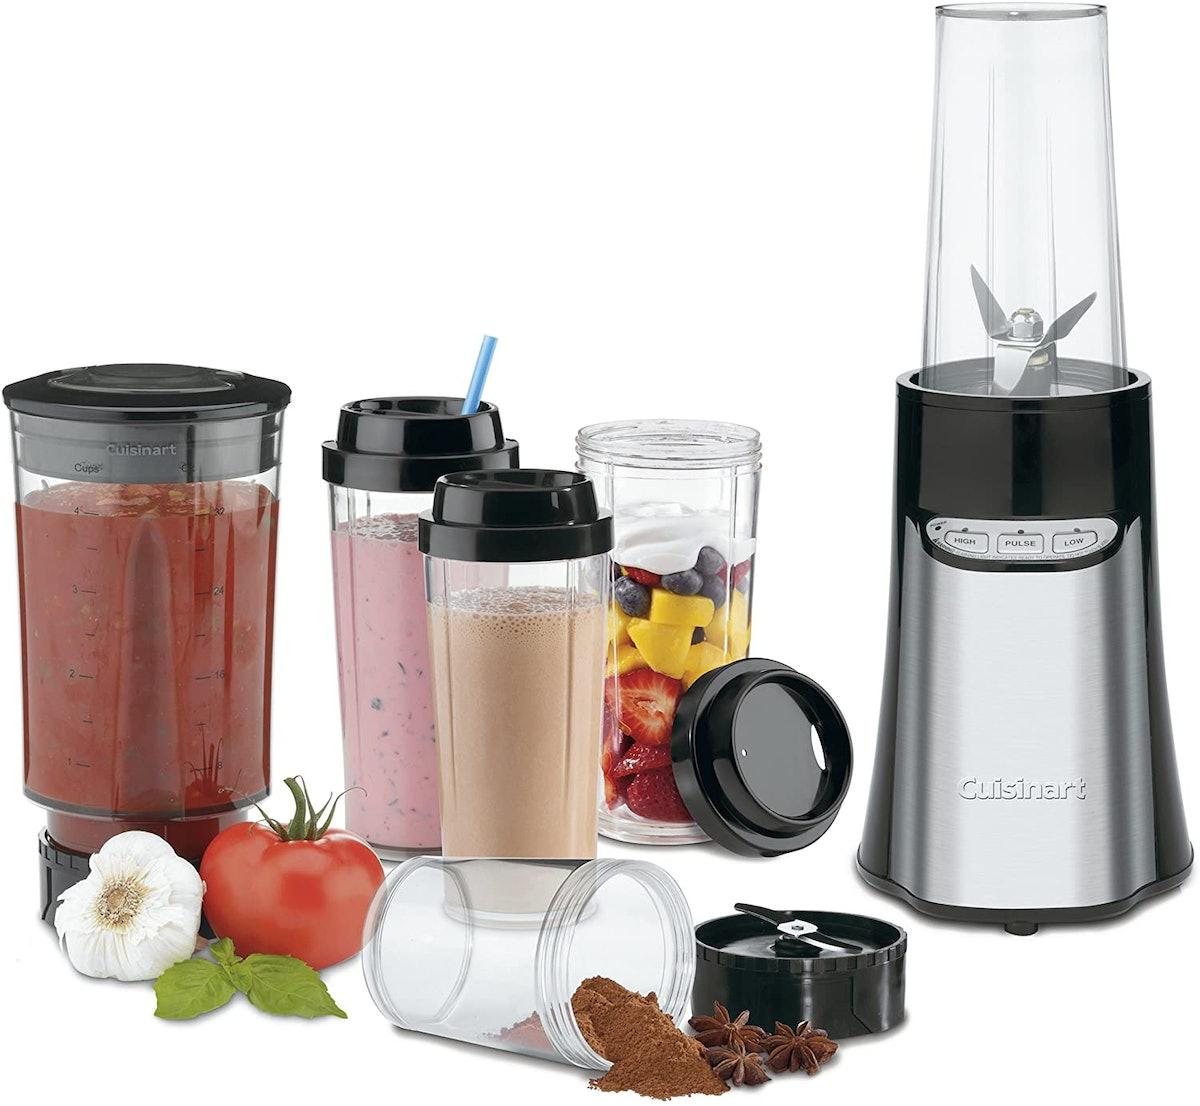 Cuisinart CPB-300 350-Watt Blender